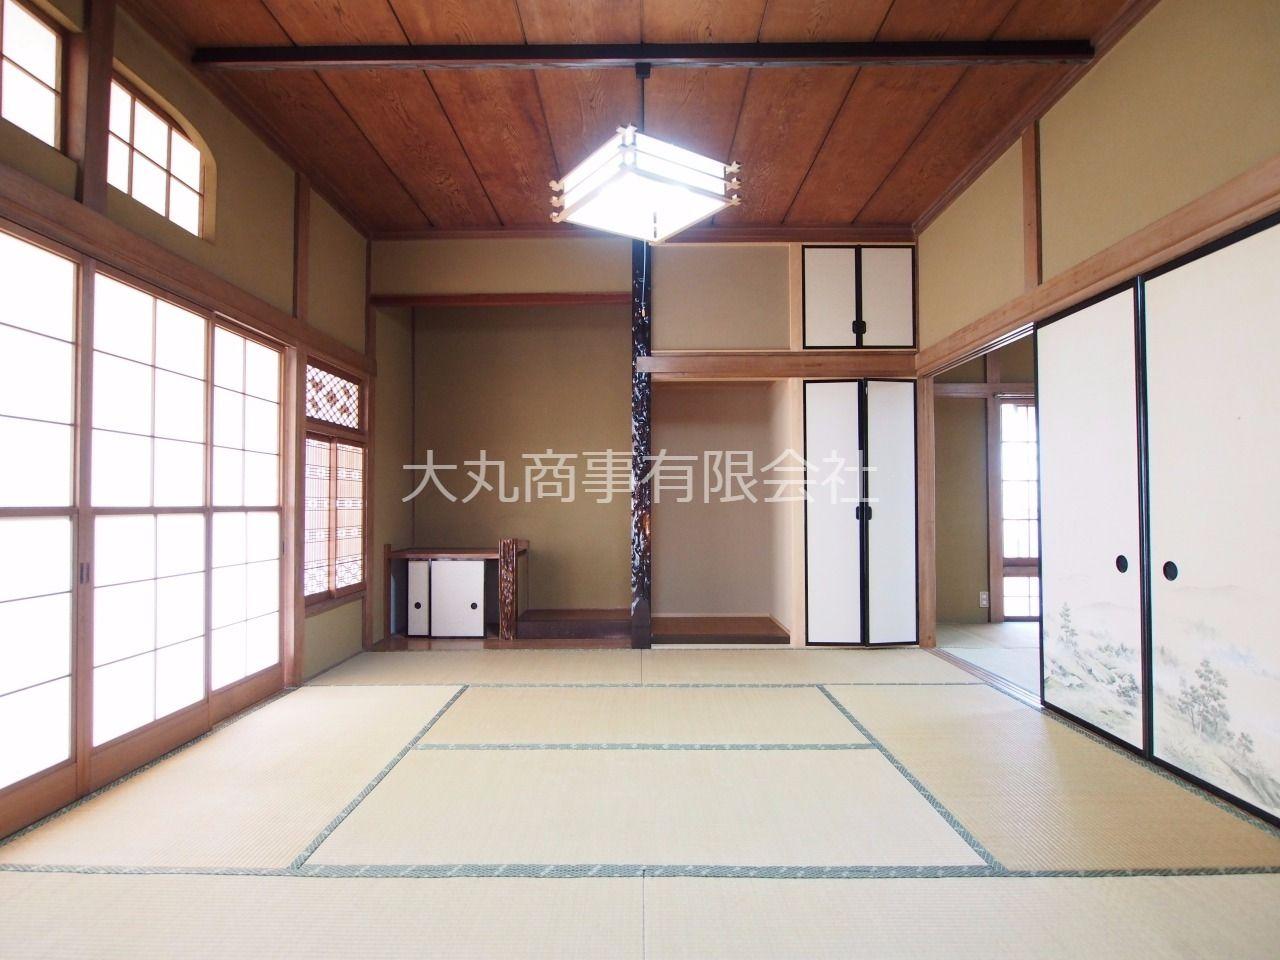 仏間と床の間のある和室